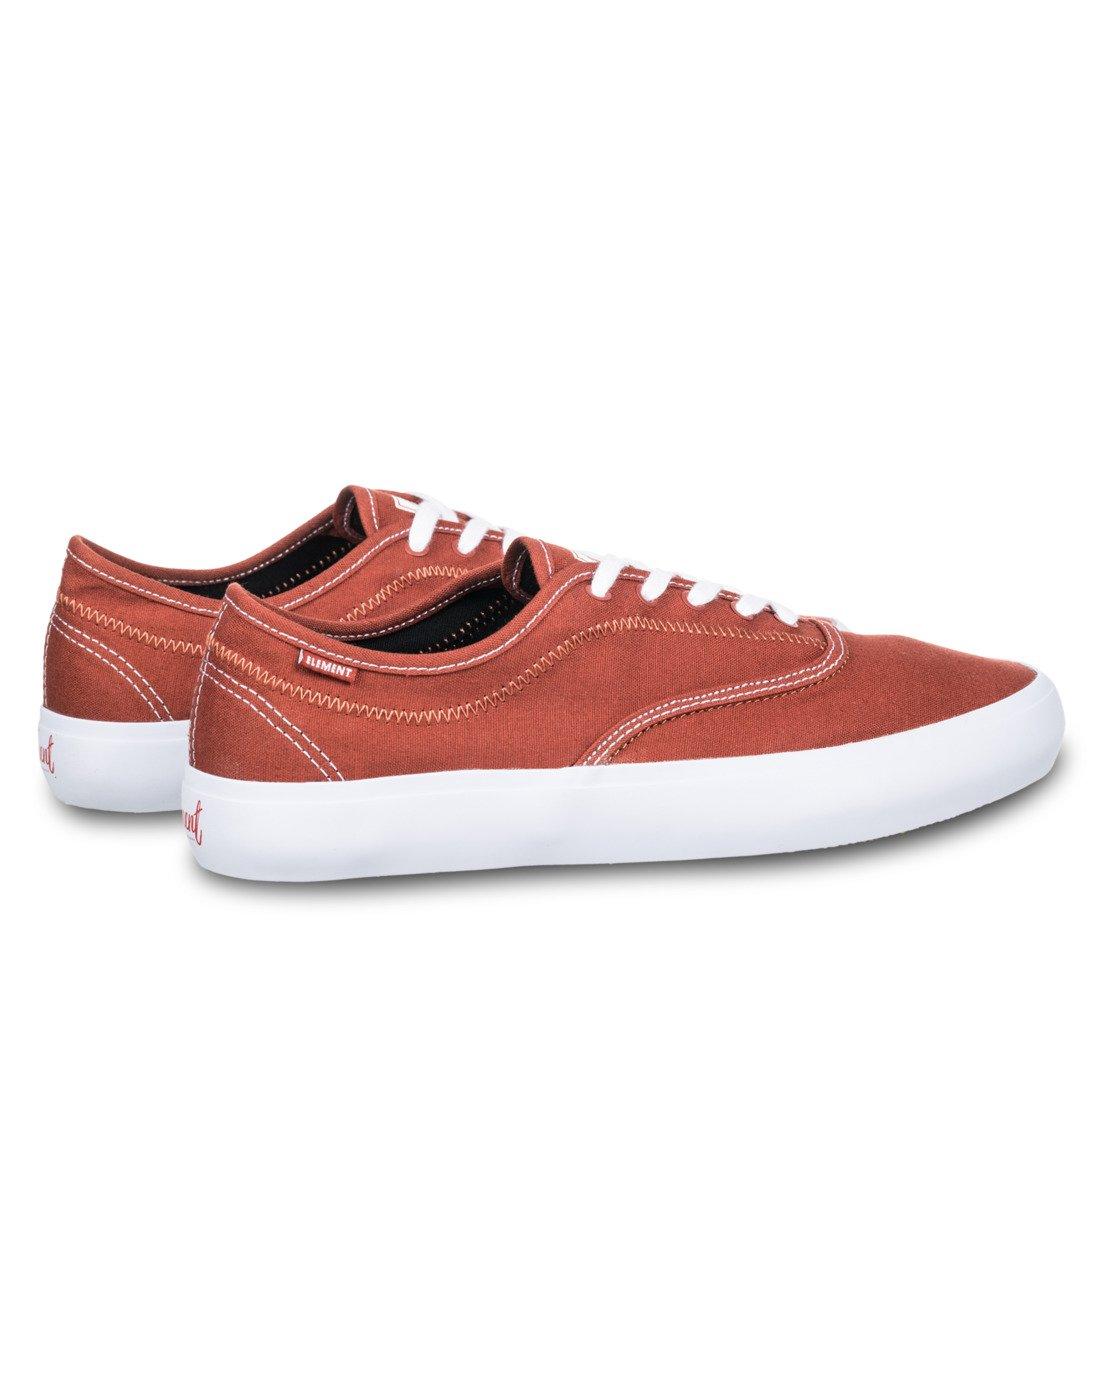 2 Passiph - Shoes for Men  W6PAS101 Element